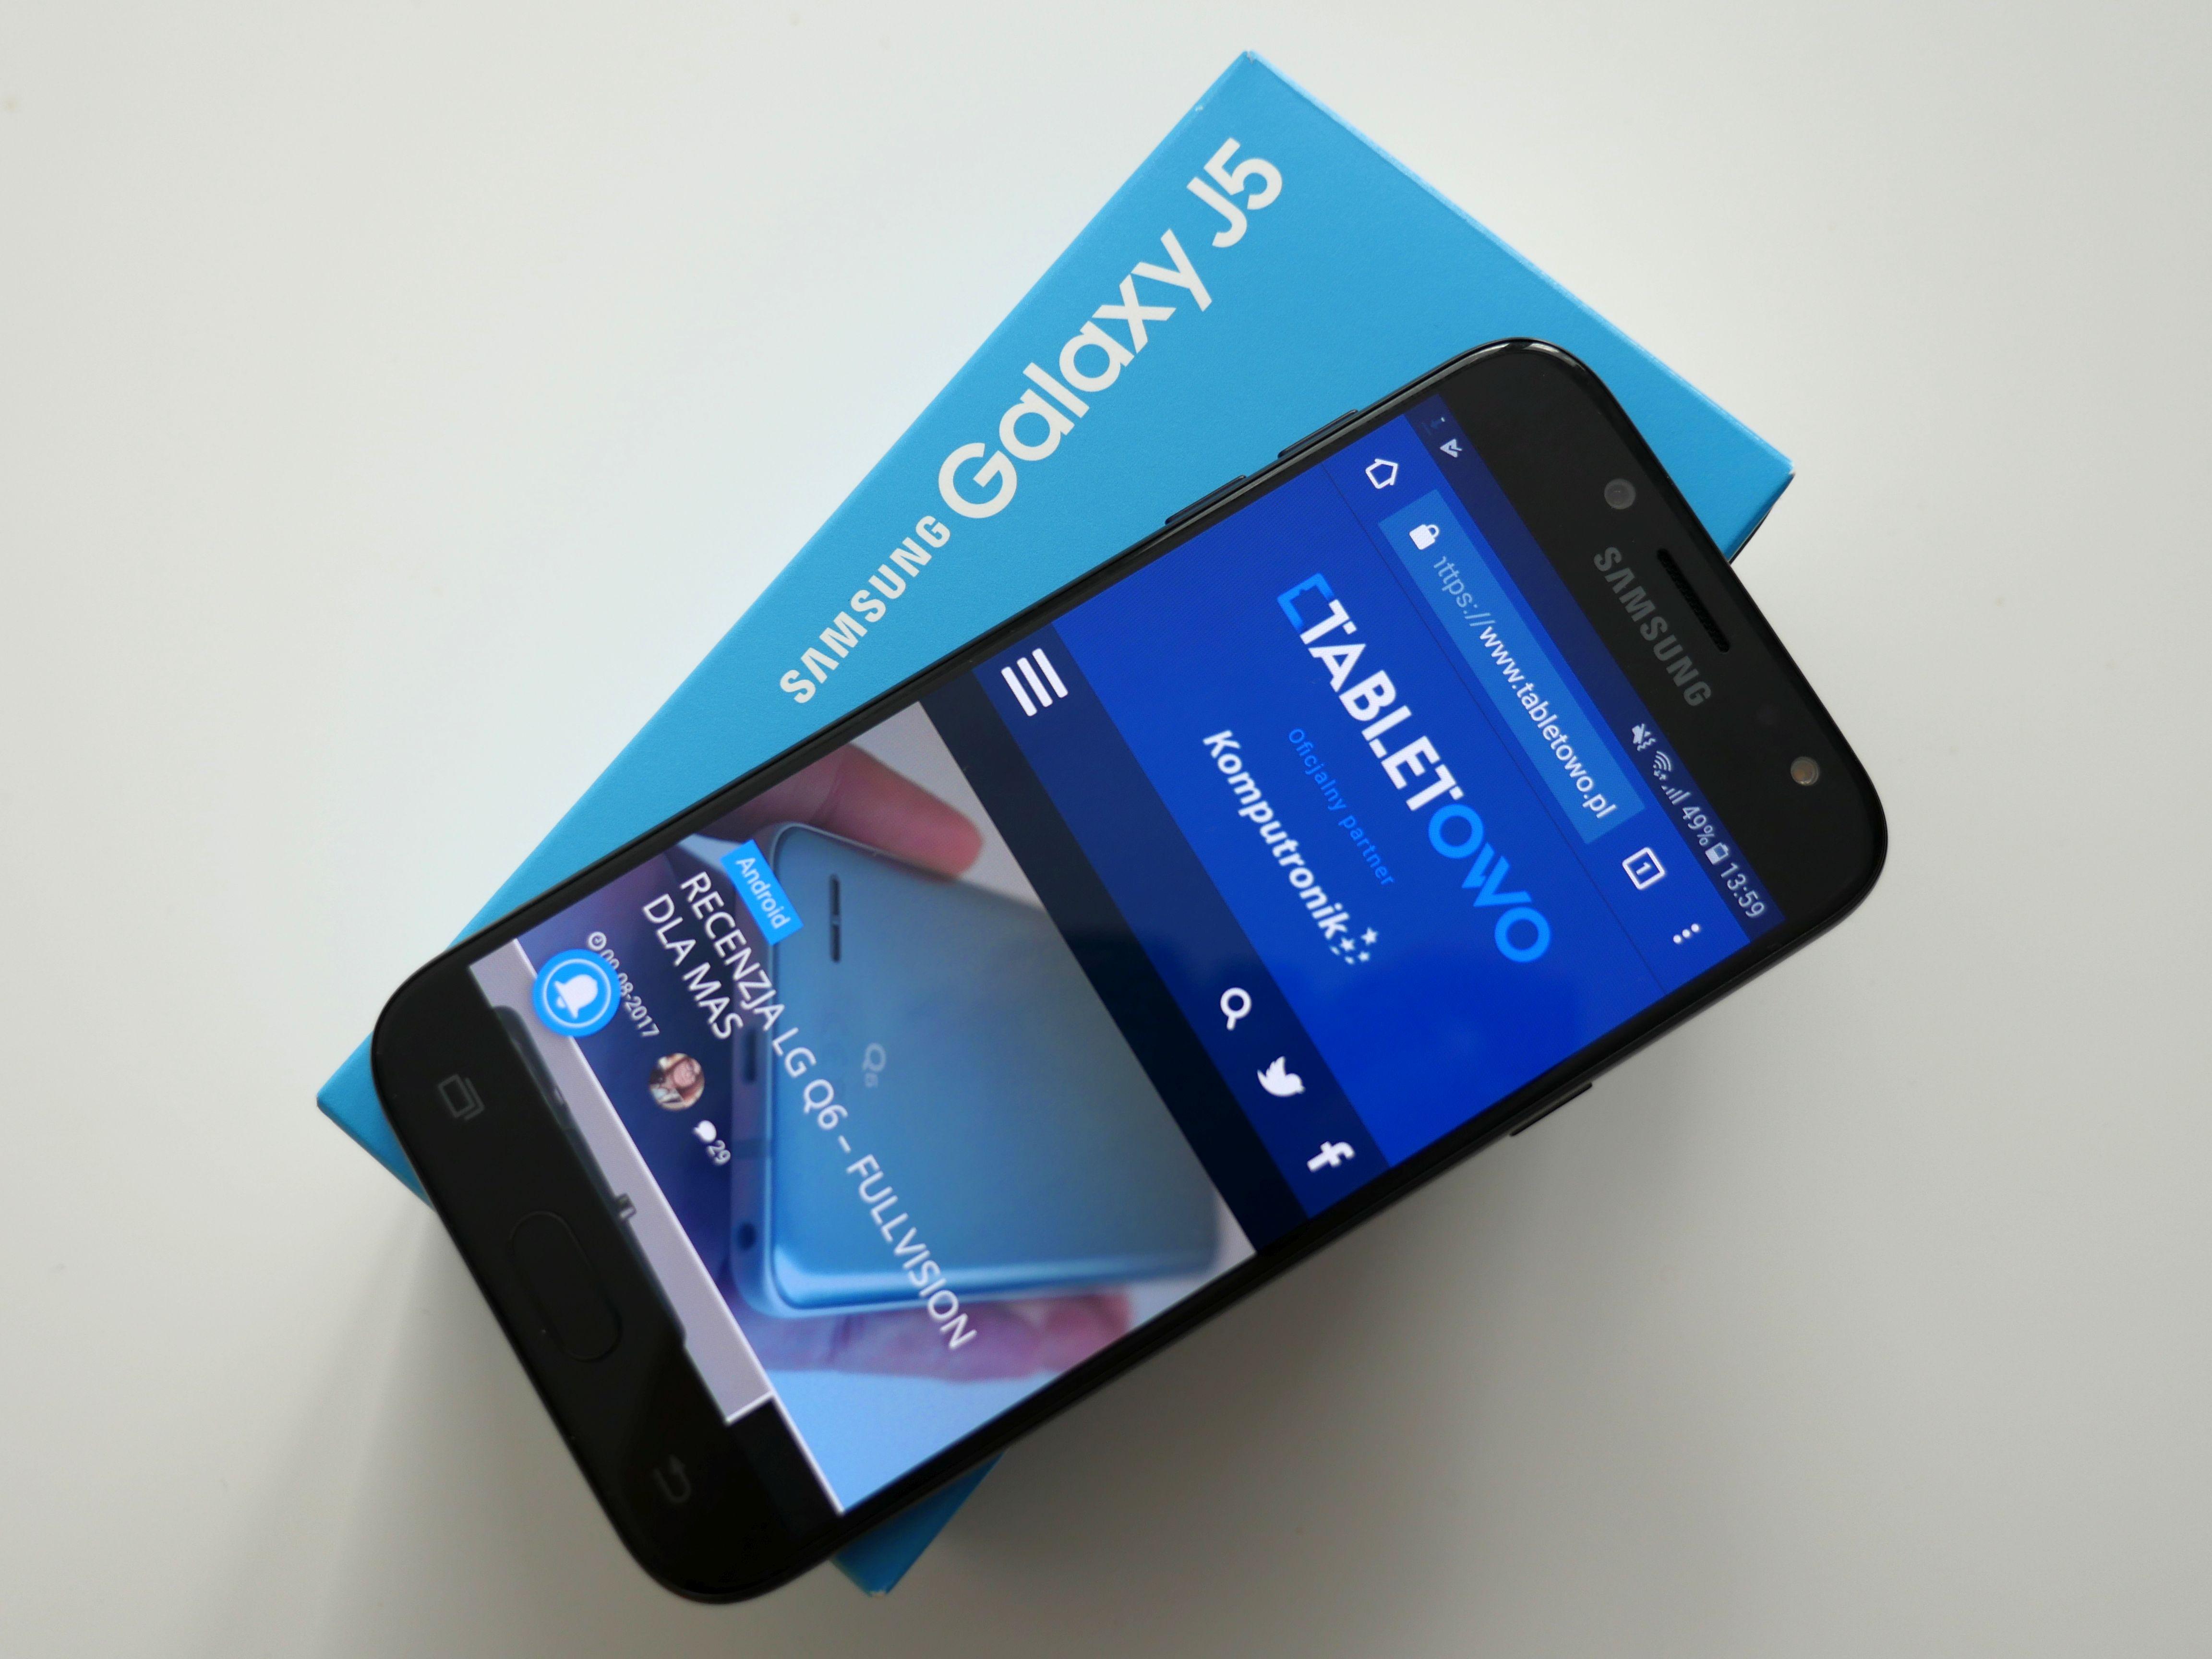 Tabletowo.pl Prezent na Pierwszą Komunię nie musi być szalenie drogi, aby był dobry - sprawdźcie te propozycje Android Huawei Lenovo Promocje Samsung Smartfony